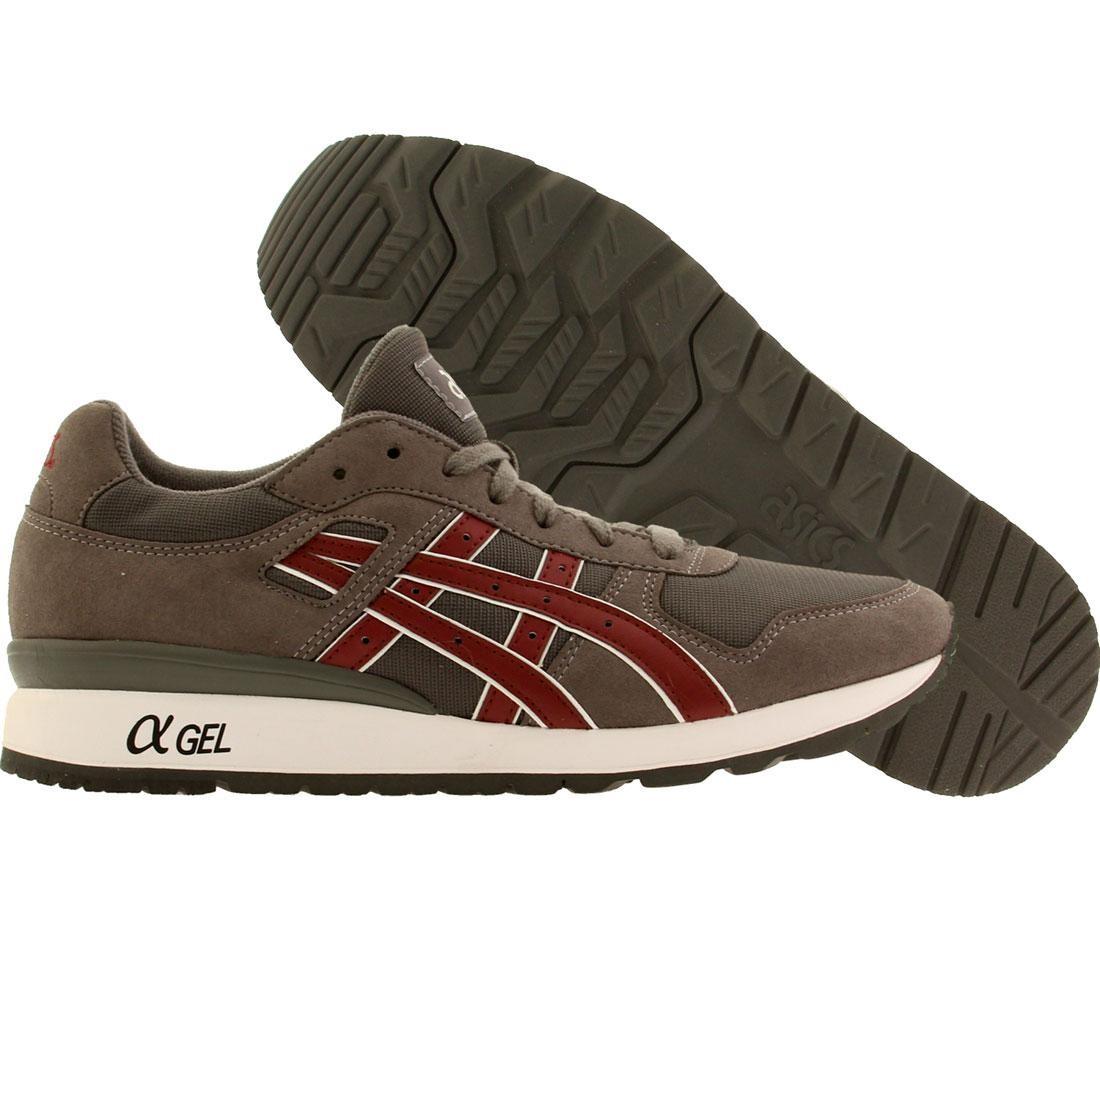 【海外限定】アシックス メンズ靴 靴 【 ASICS TIGER MEN GTII GRAY BURGUNDY 】